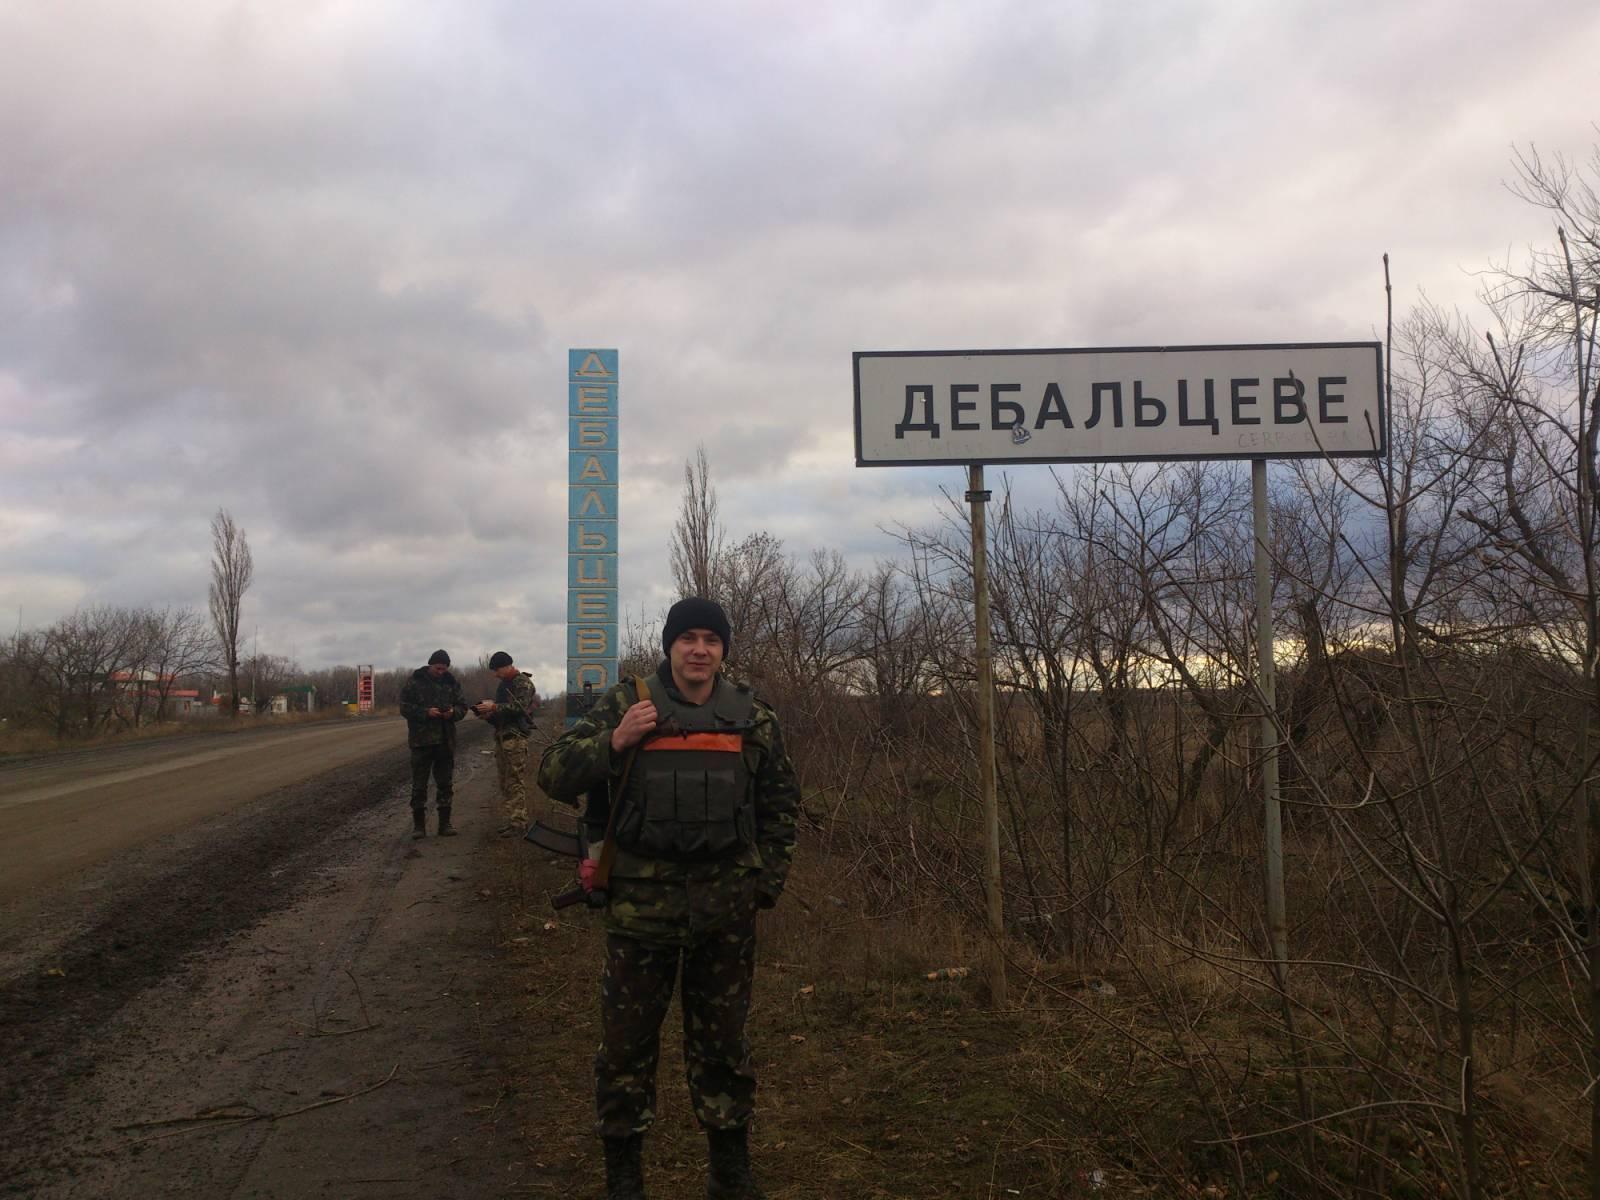 У Дебальцевому Дмитро Забажан востаннє побував 31 грудня 2014 року – менш ніж за місяць до того, як українські військові вимушені були залишити місто і воно опинилося під контролем окупантів